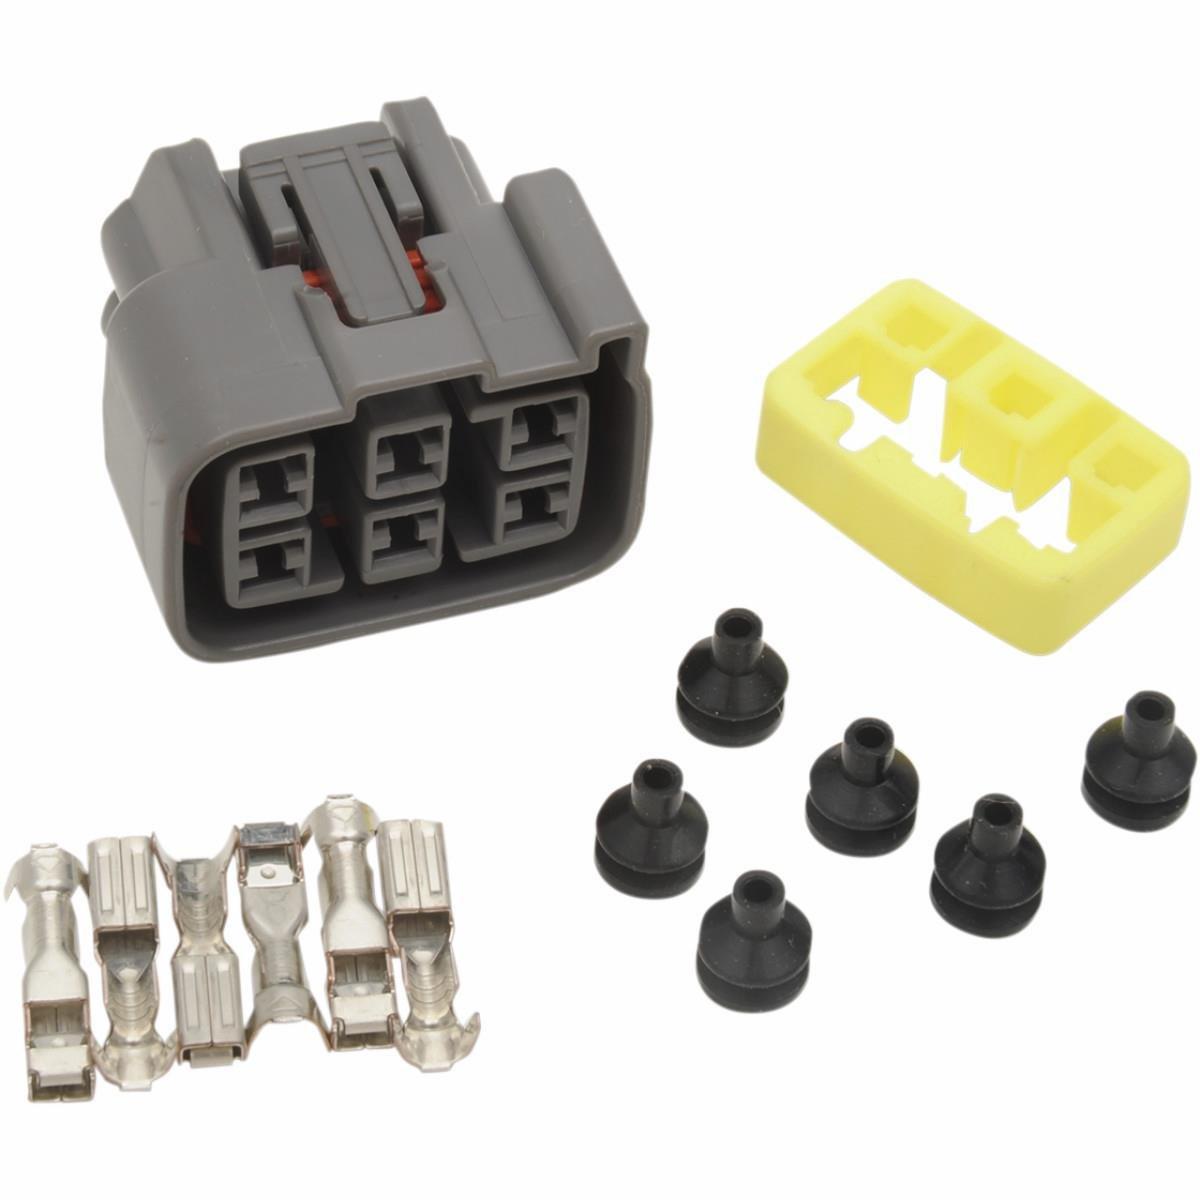 Ricks Motorsport Electric Rectifier//Regulator Wiring Harness Connector 11-114